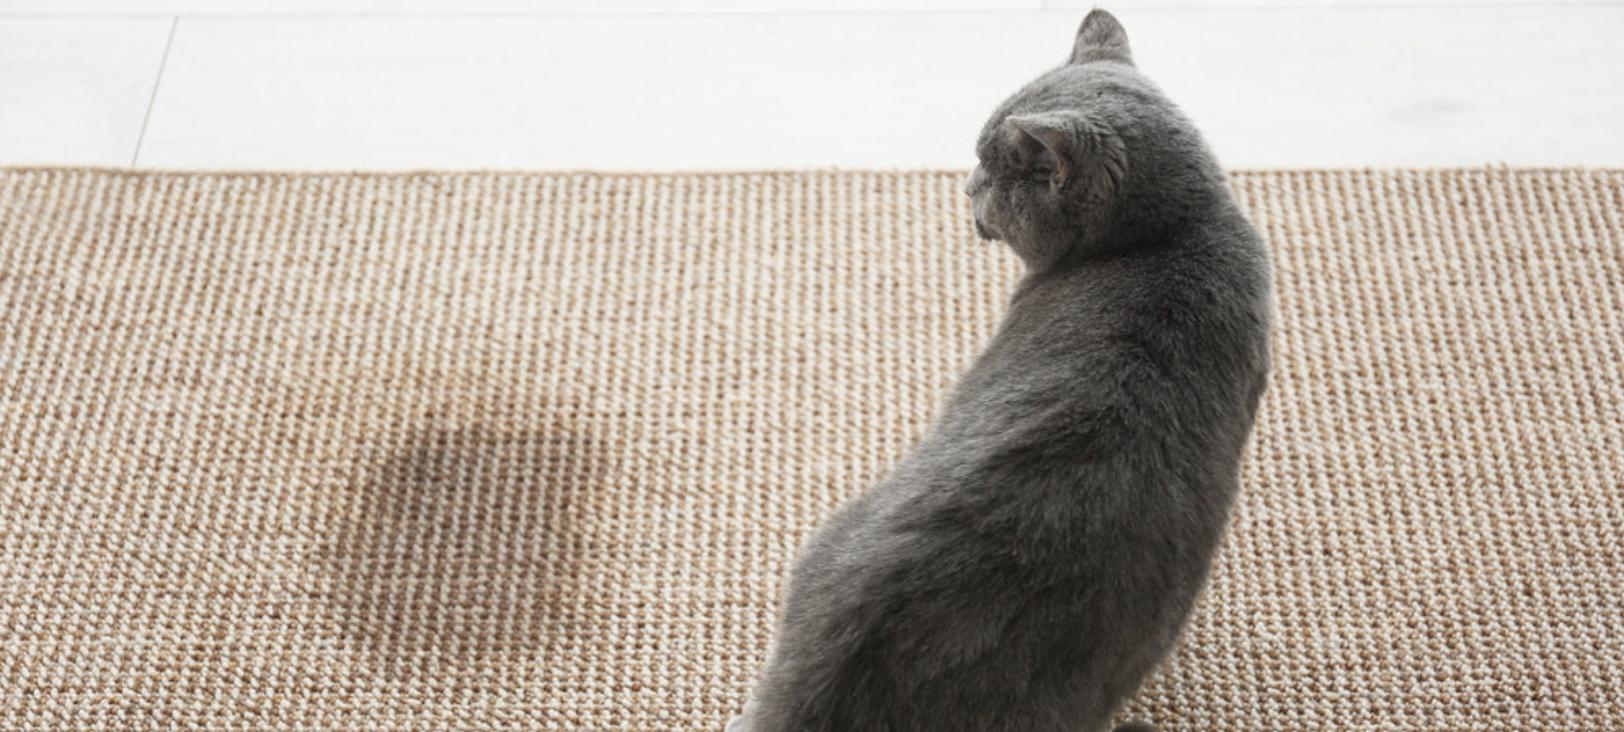 Comportementaliste, spécialiste du chat à Paris et île de France , Hugues Martinat résous les problèmes de comportement du chat:  pipi du chat, agressivité et la plupart des troubles du comportement félin.